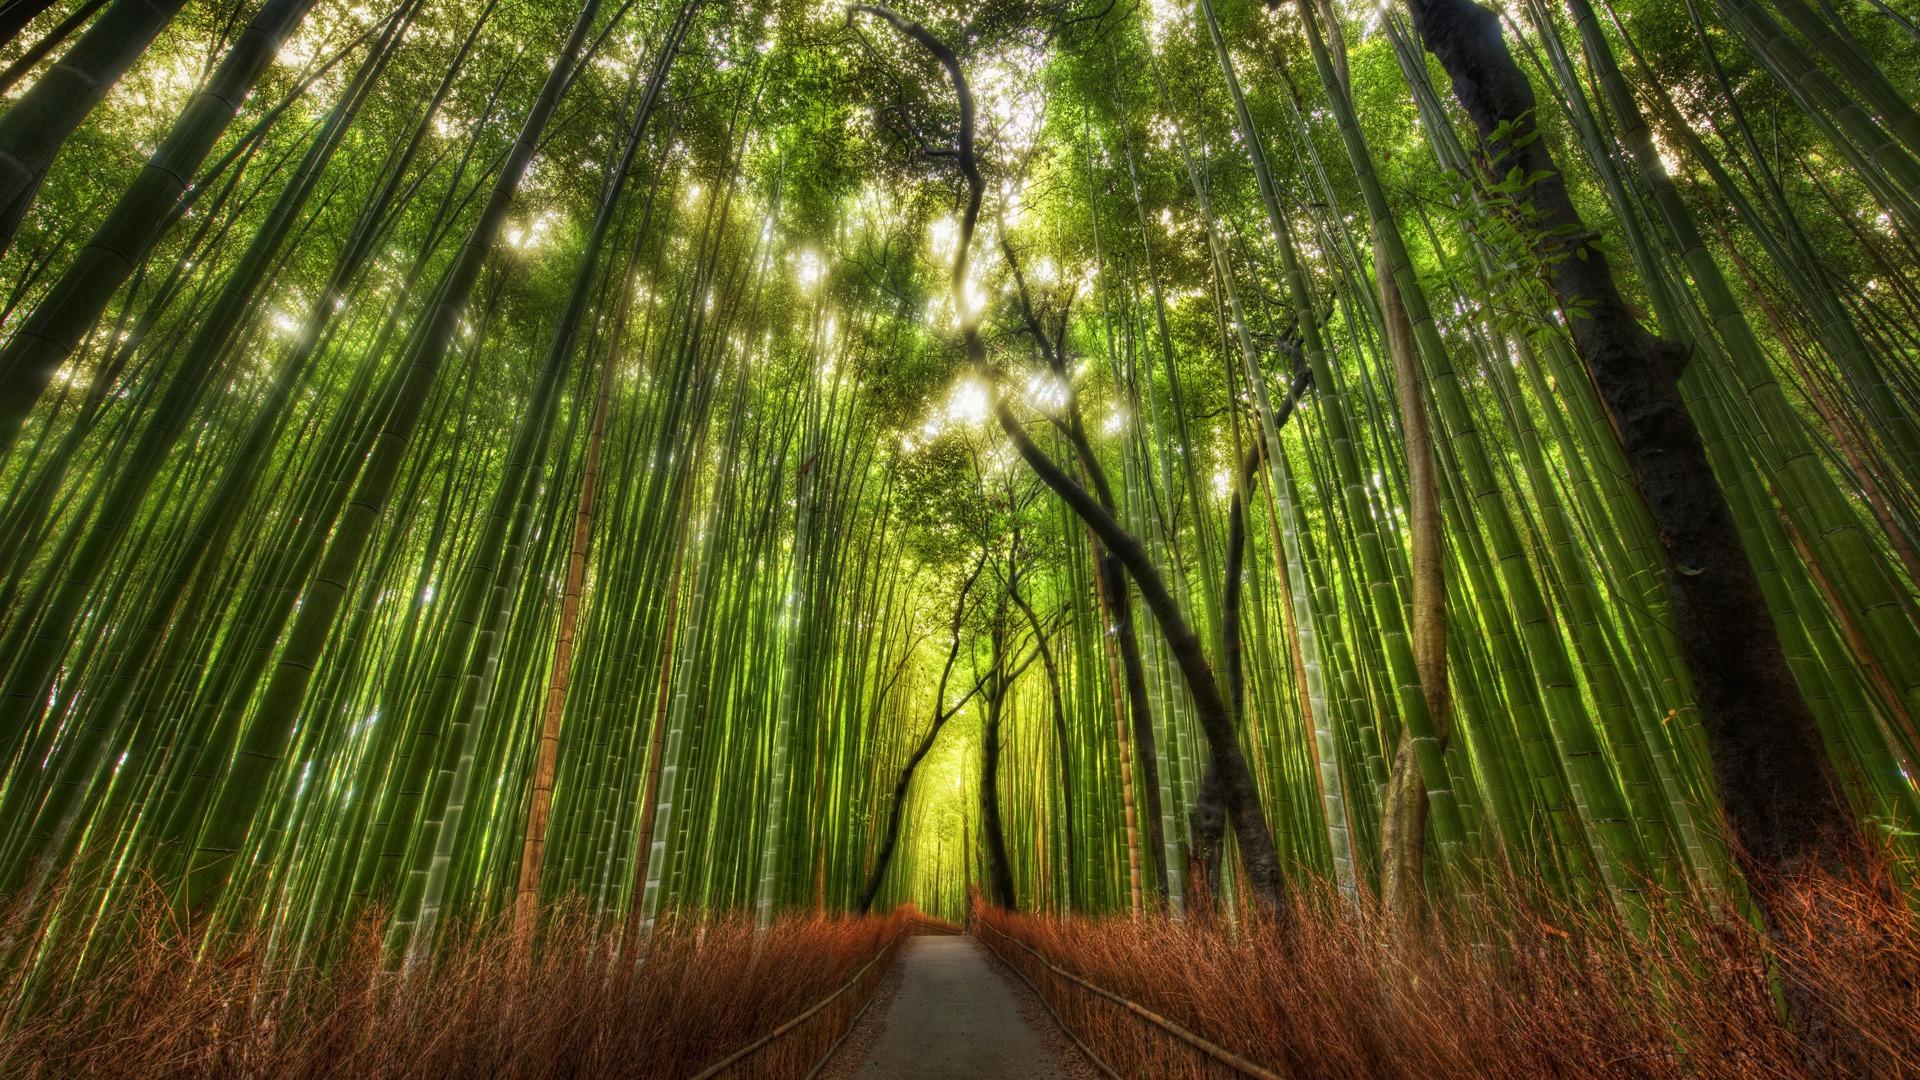 густой лес, красивое фото, обои для рабочего стола, скачать бесплатно